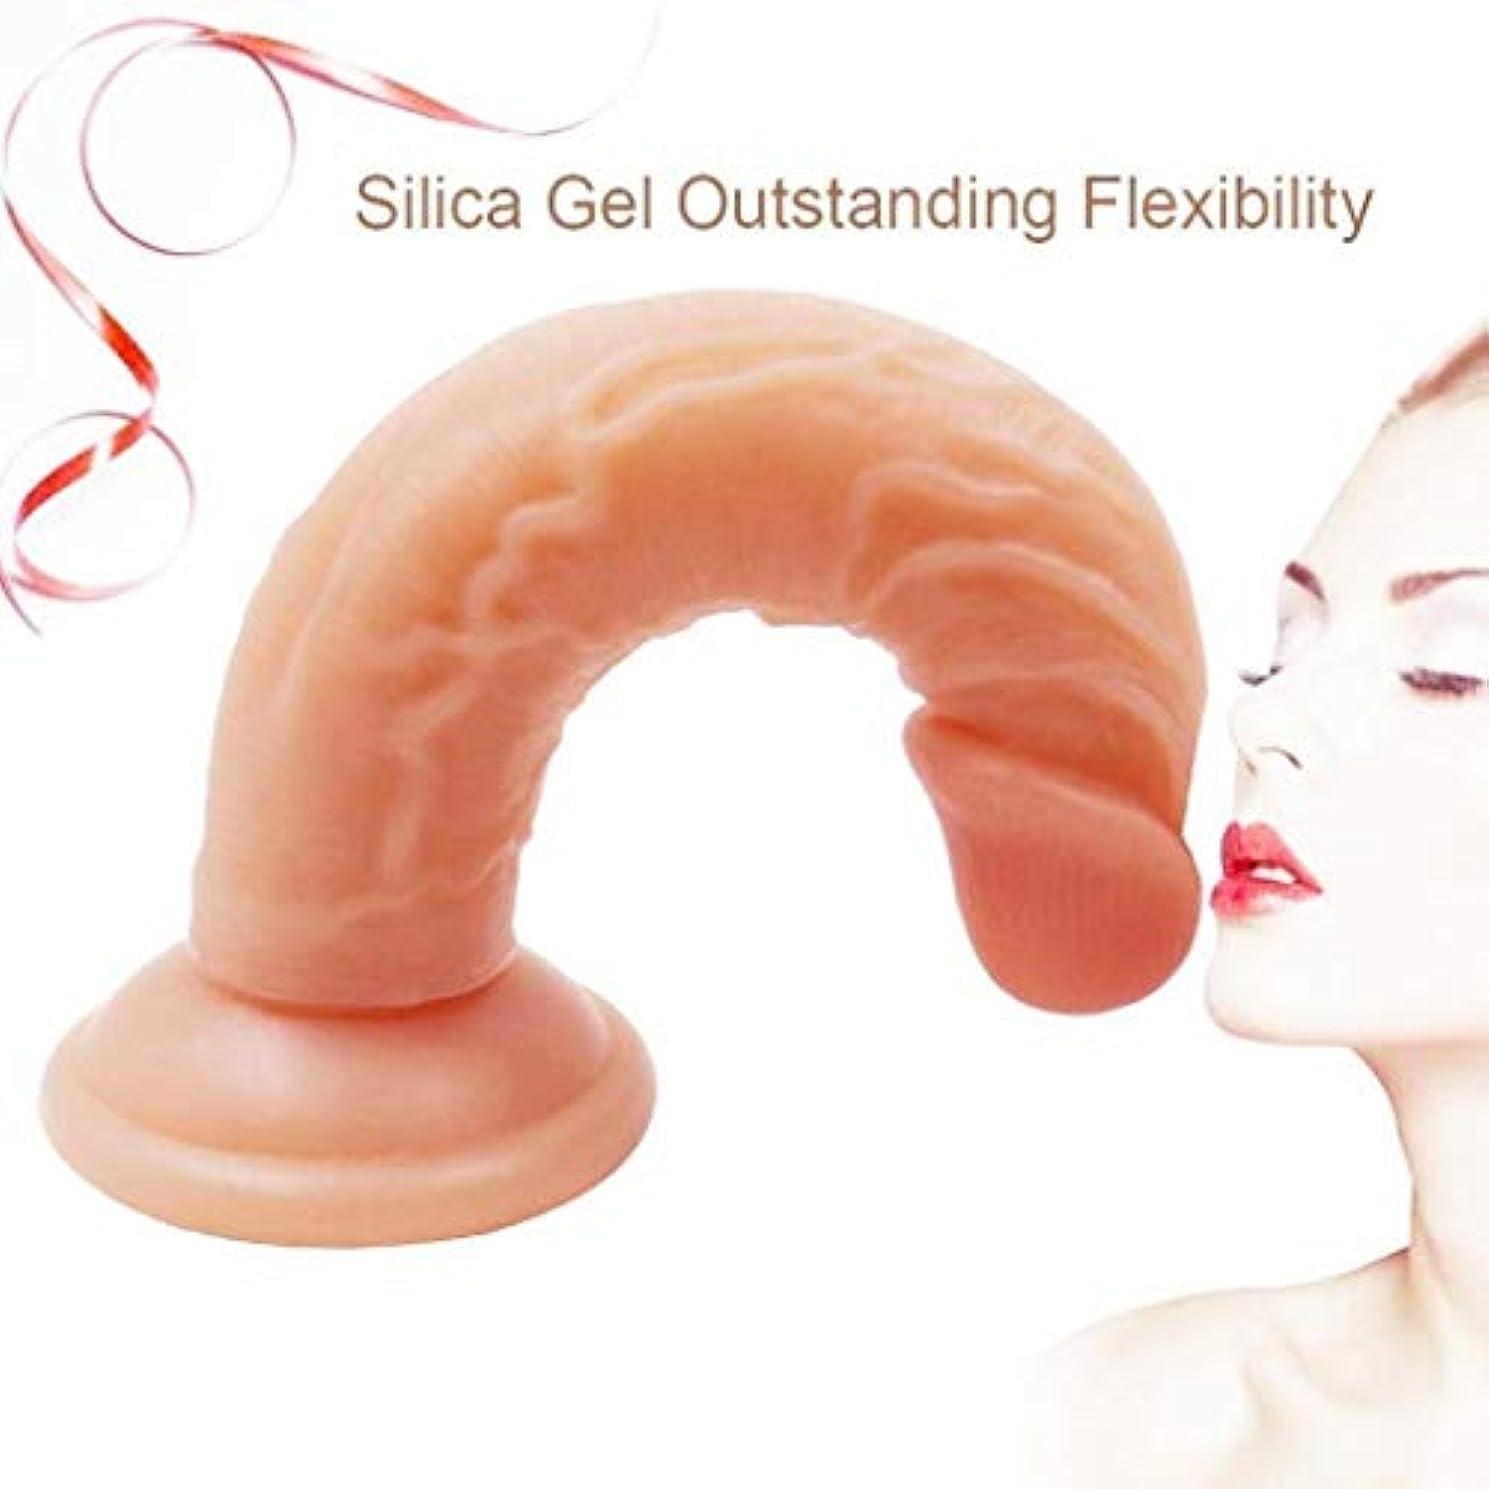 控えめな鳴り響くきらめき女性、リアルな女性のための完全なポータブル6.5インチの防水ソフトワンド柔軟な玩具